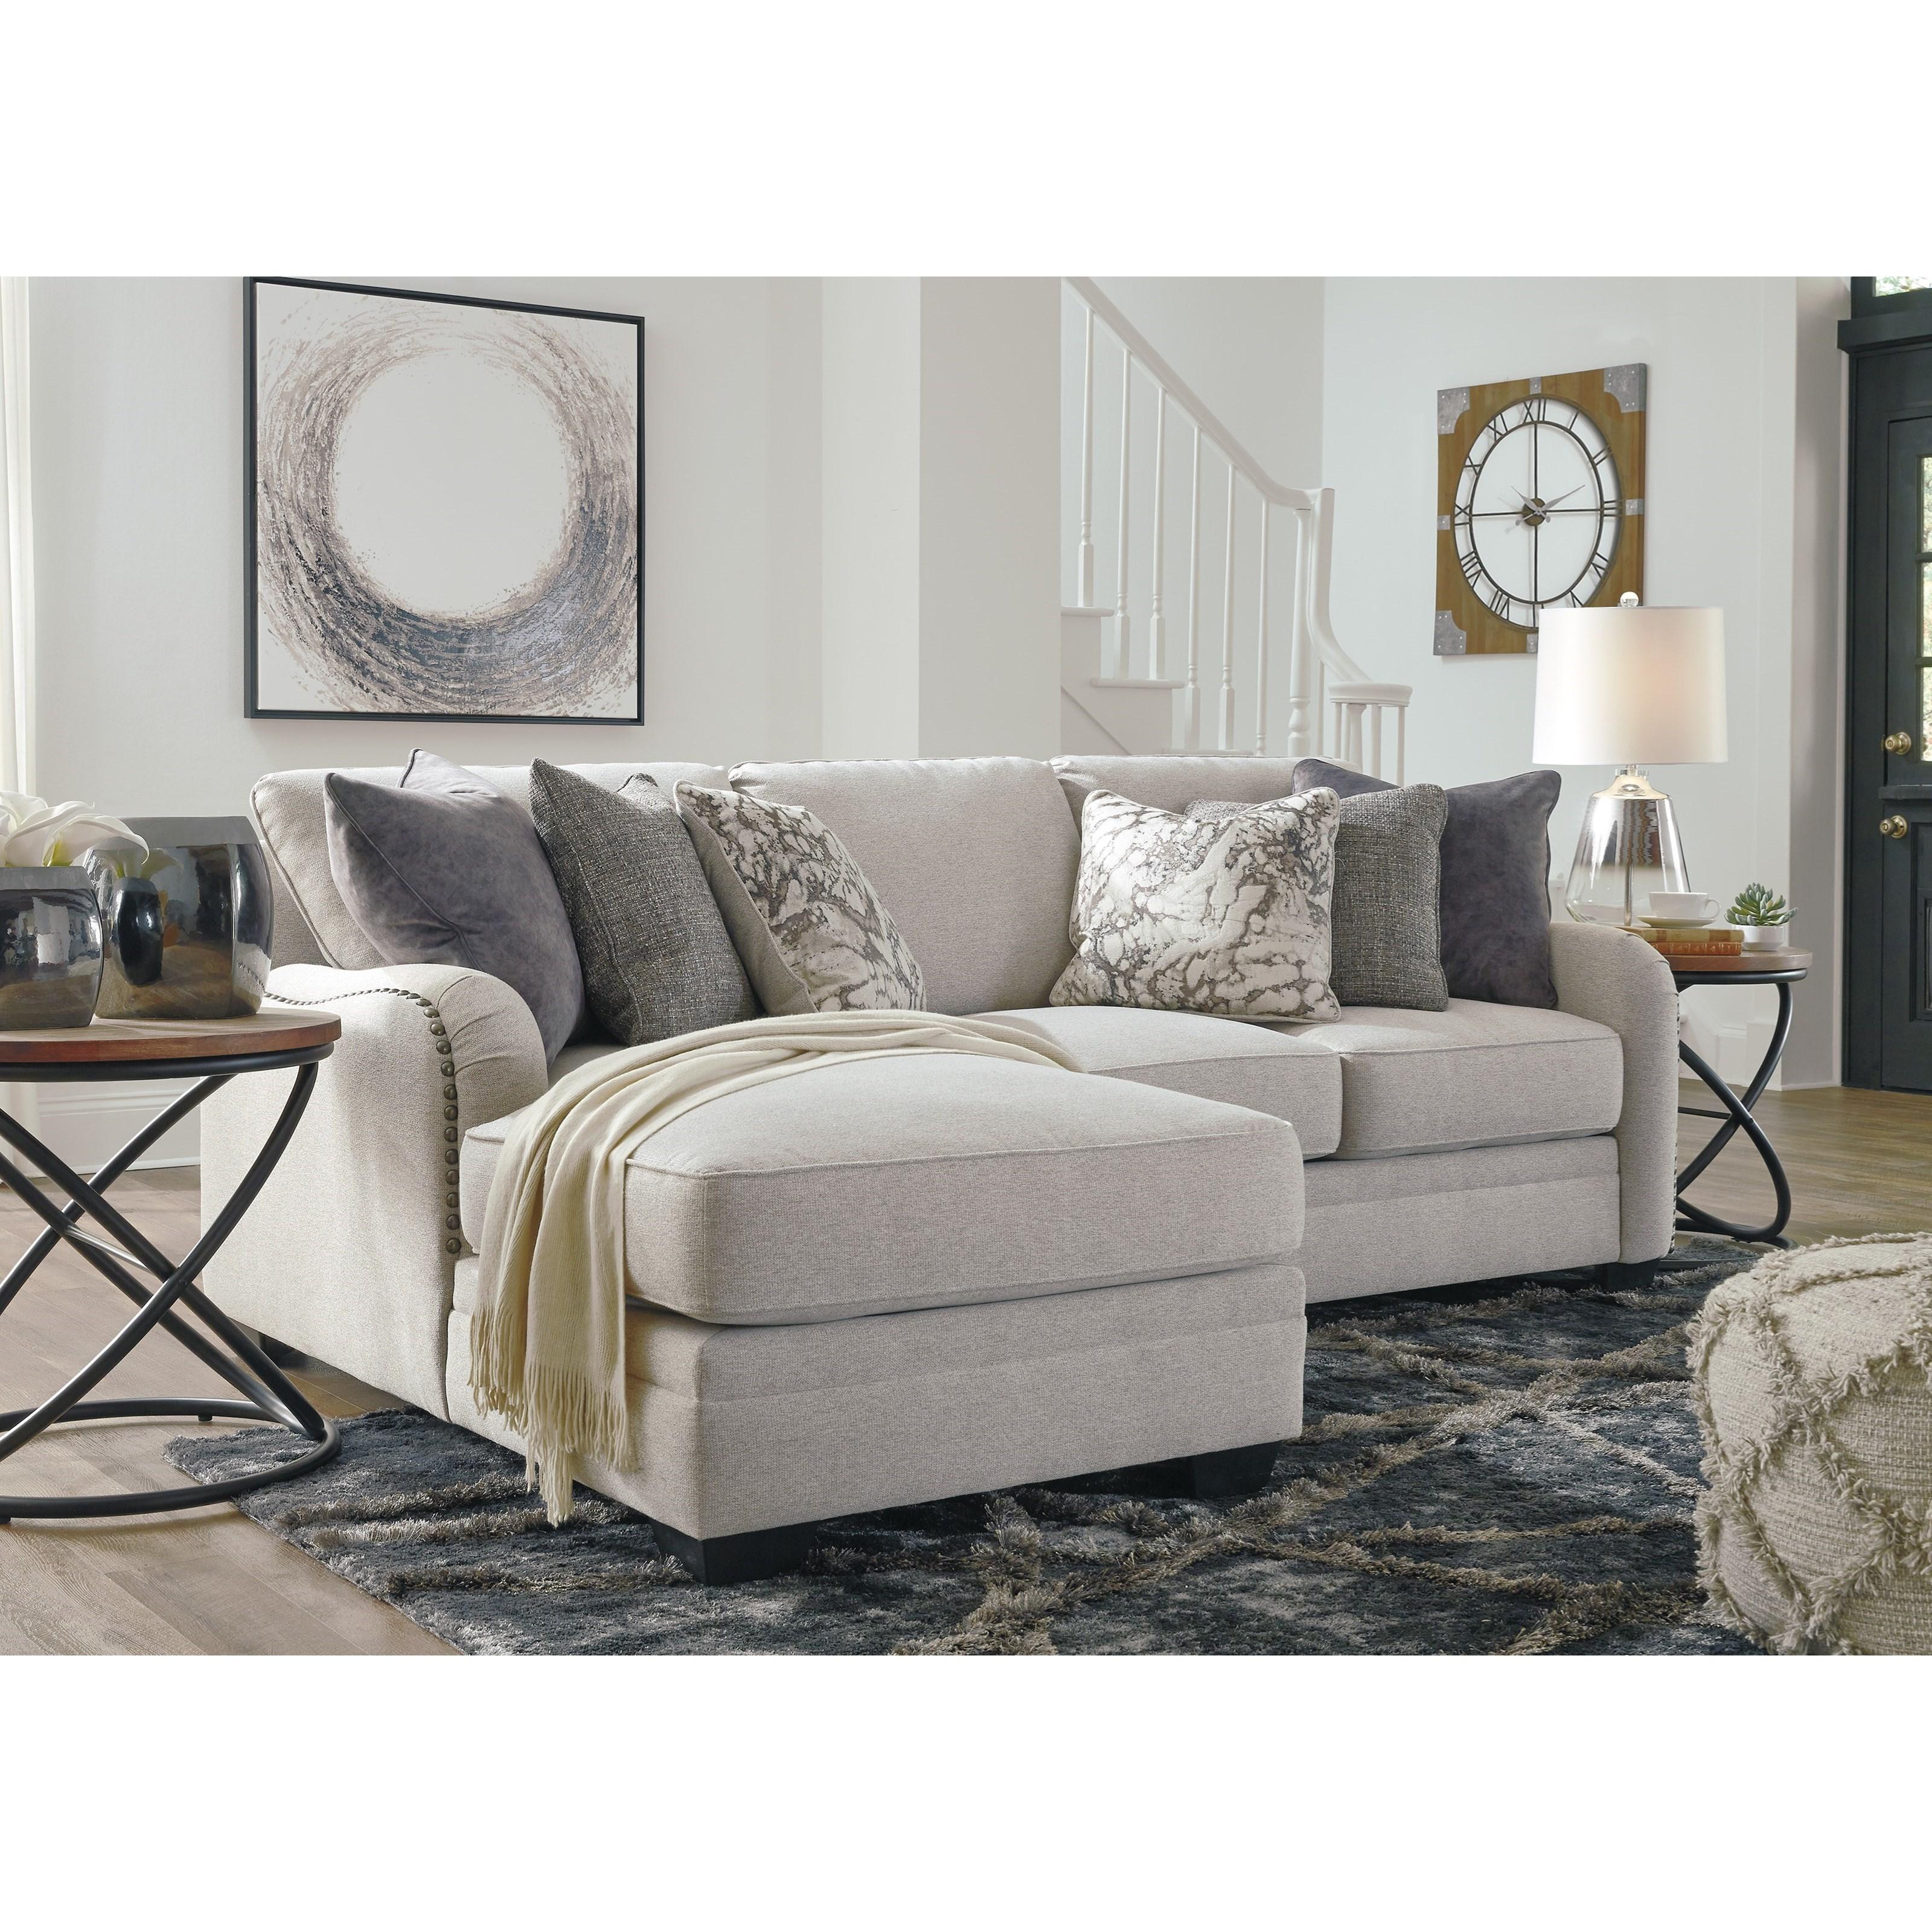 chaise sofas perth warehouse direct bayswater sofa gunstig online kaufen benchcraft dellara 2 piece sectional northeast factory